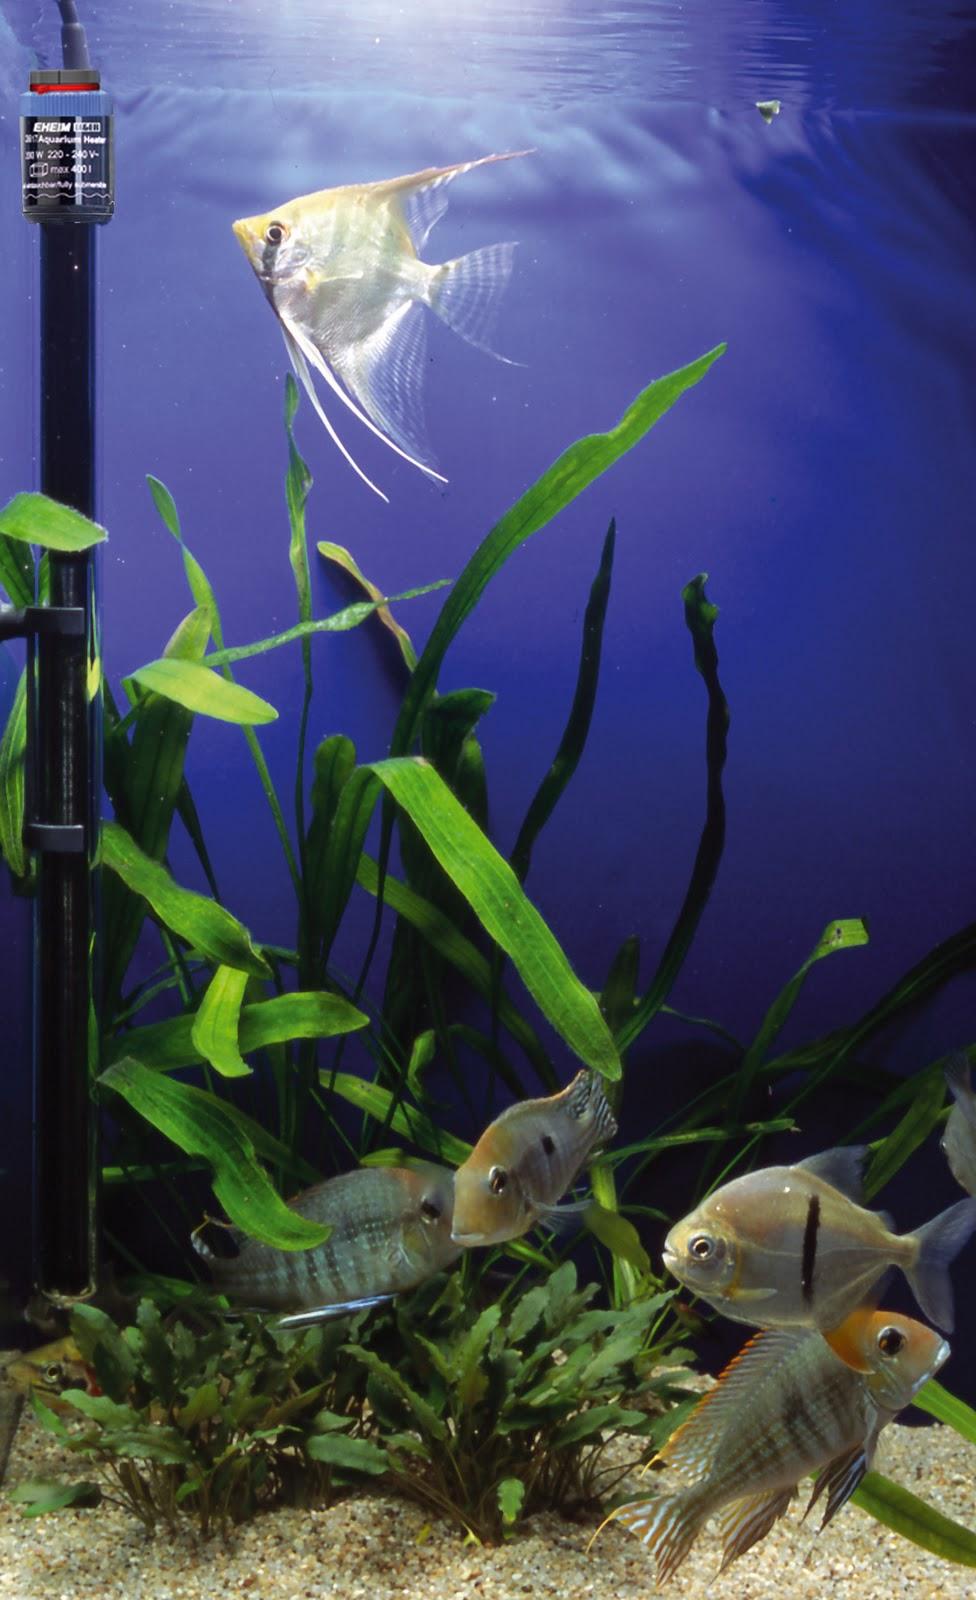 Tips Rahasia Sangat Mudah Menjaga Suhu Aquarium Waterdecor Splashnews Informasi Seputar Dekorasi Air Mancur Aquarium Kolam Dan Pets